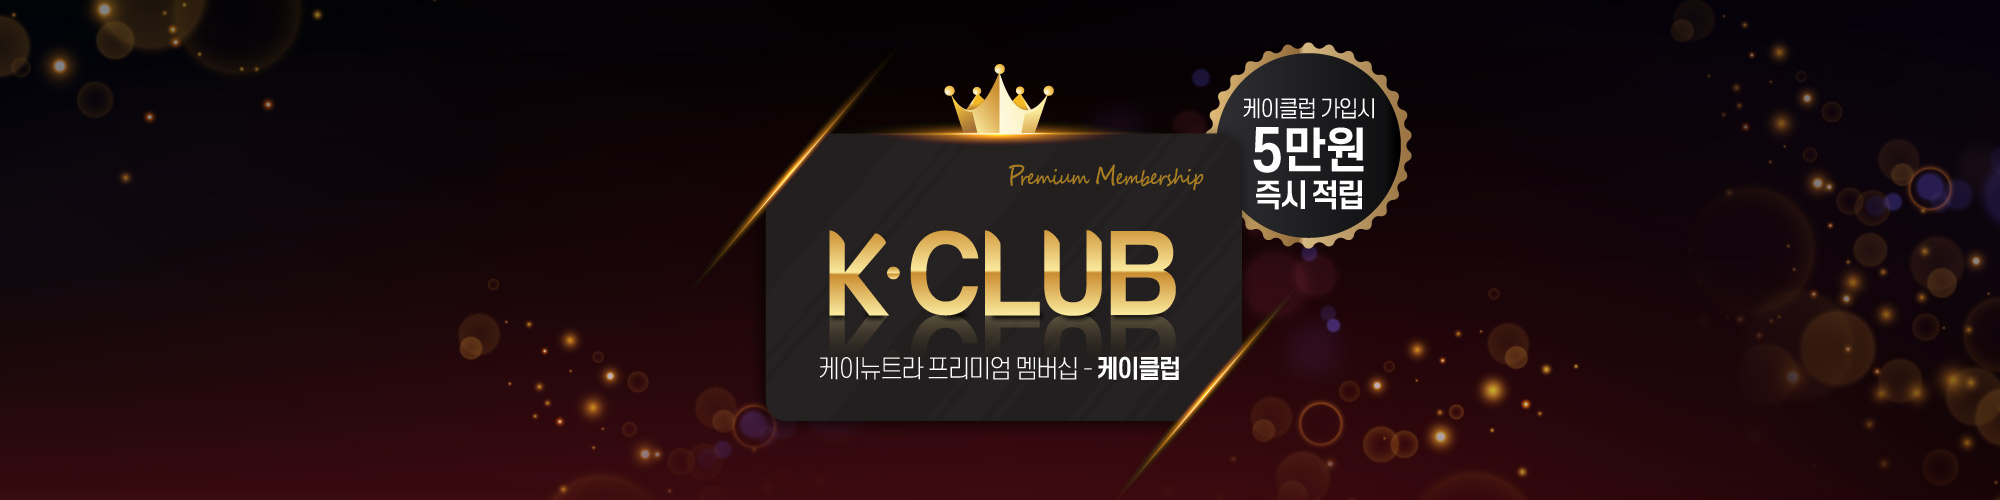 k-클럽만의 프리미엄혜택